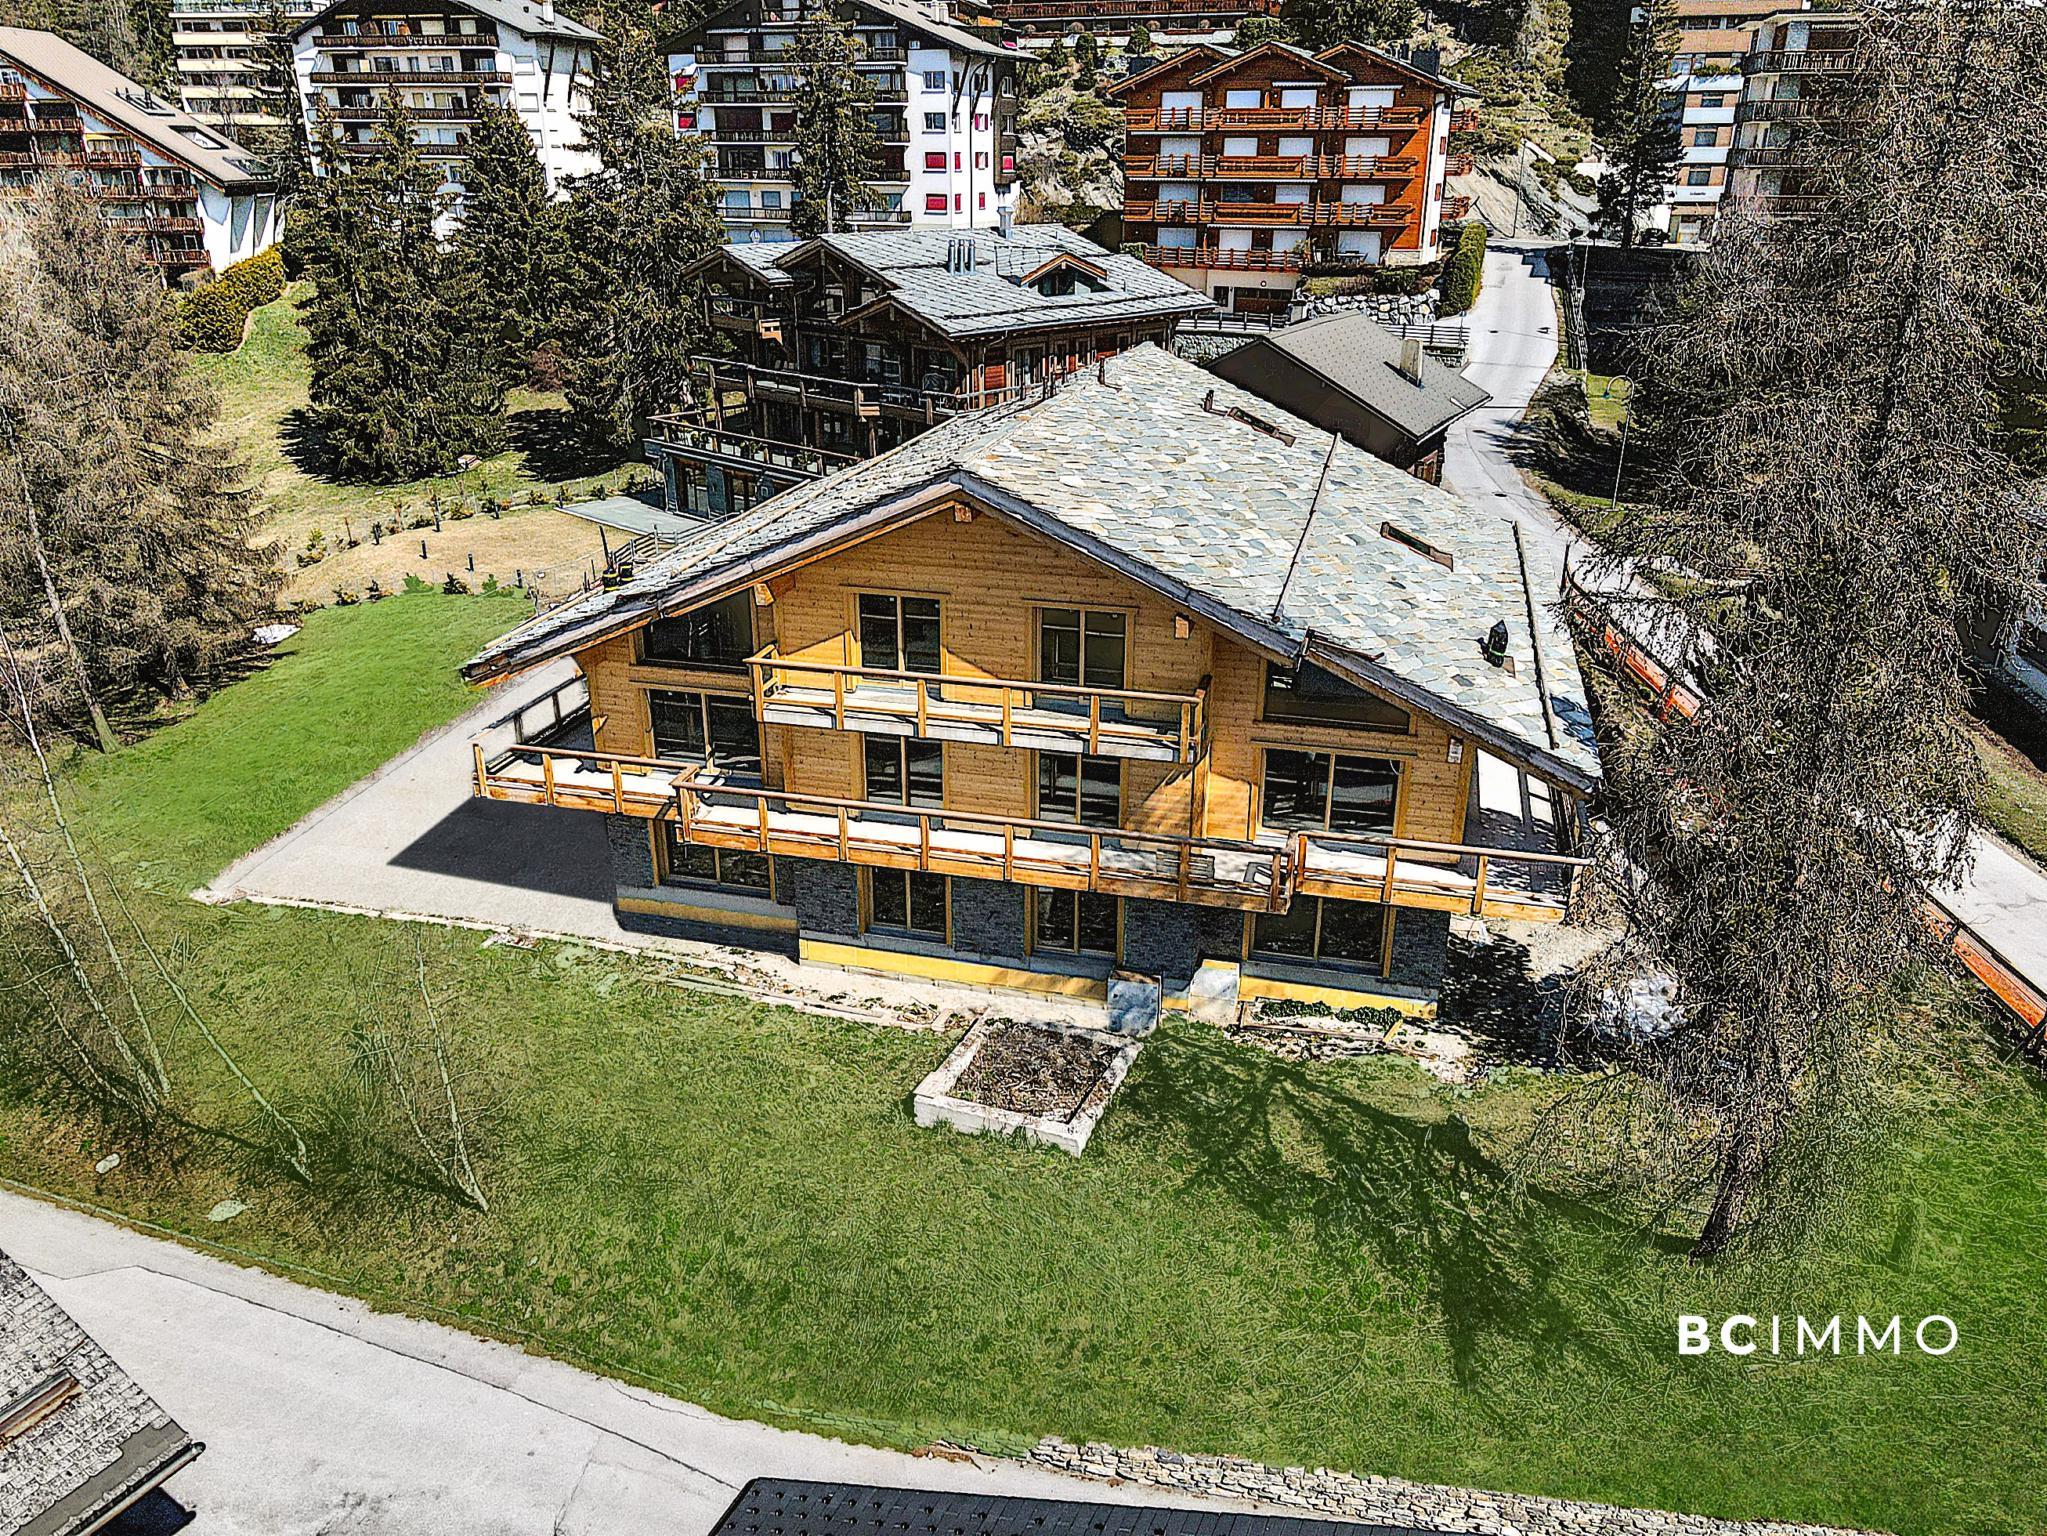 BC Immo - Luxueux appartement de 4.5 pièces à Crans-Montana - Les Mazots du Vallon - DCAMONT1